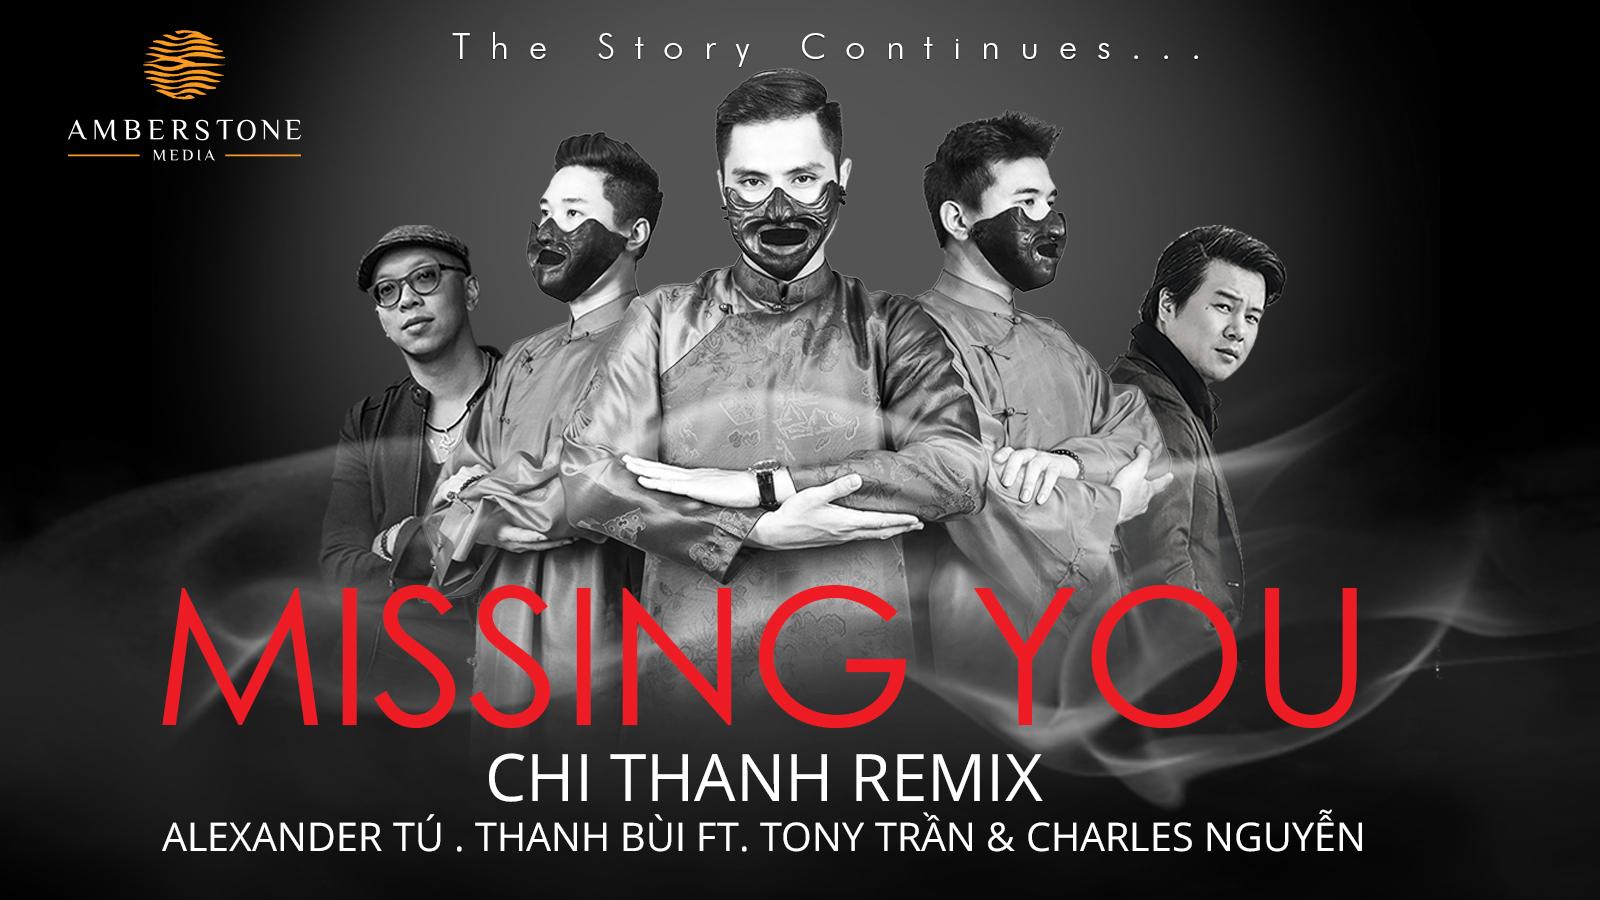 Missing You (Chi Thanh Remix) - Alexander Tú, Thanh Bùi